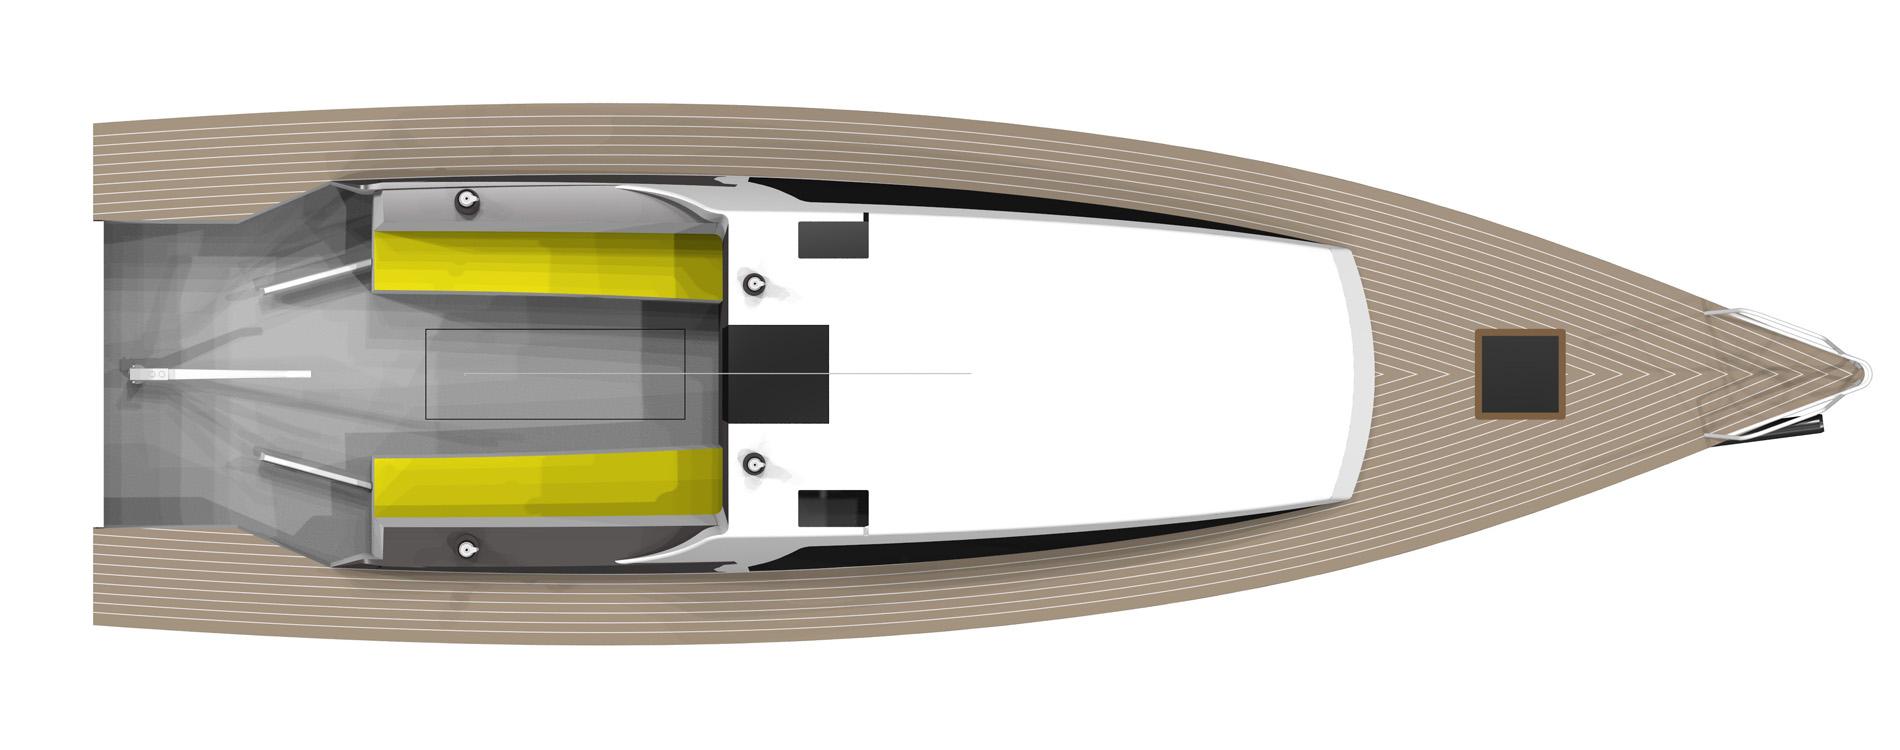 Paroa34-Voilier-sur-mesure-composite-Architecture-navale-Vincent-Lebailly-